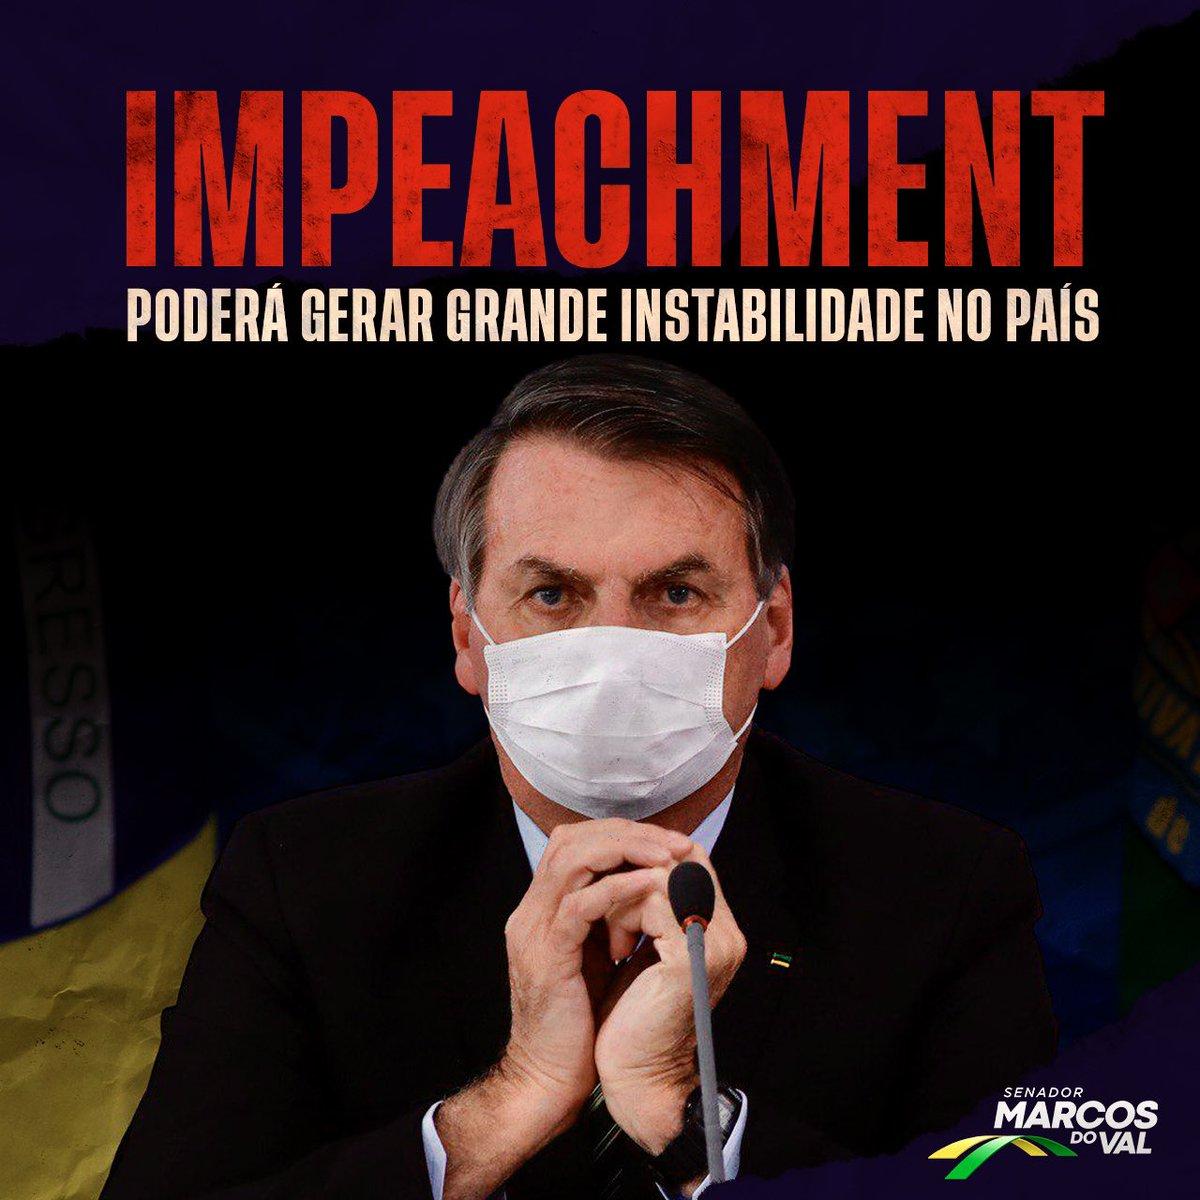 Antes de você aderir a qualquer movimento, pense bem! Caso aceito, o pedido de impeachment do presidente irá gerar uma grande instabilidade para o país, principalmente neste período de pandemia.